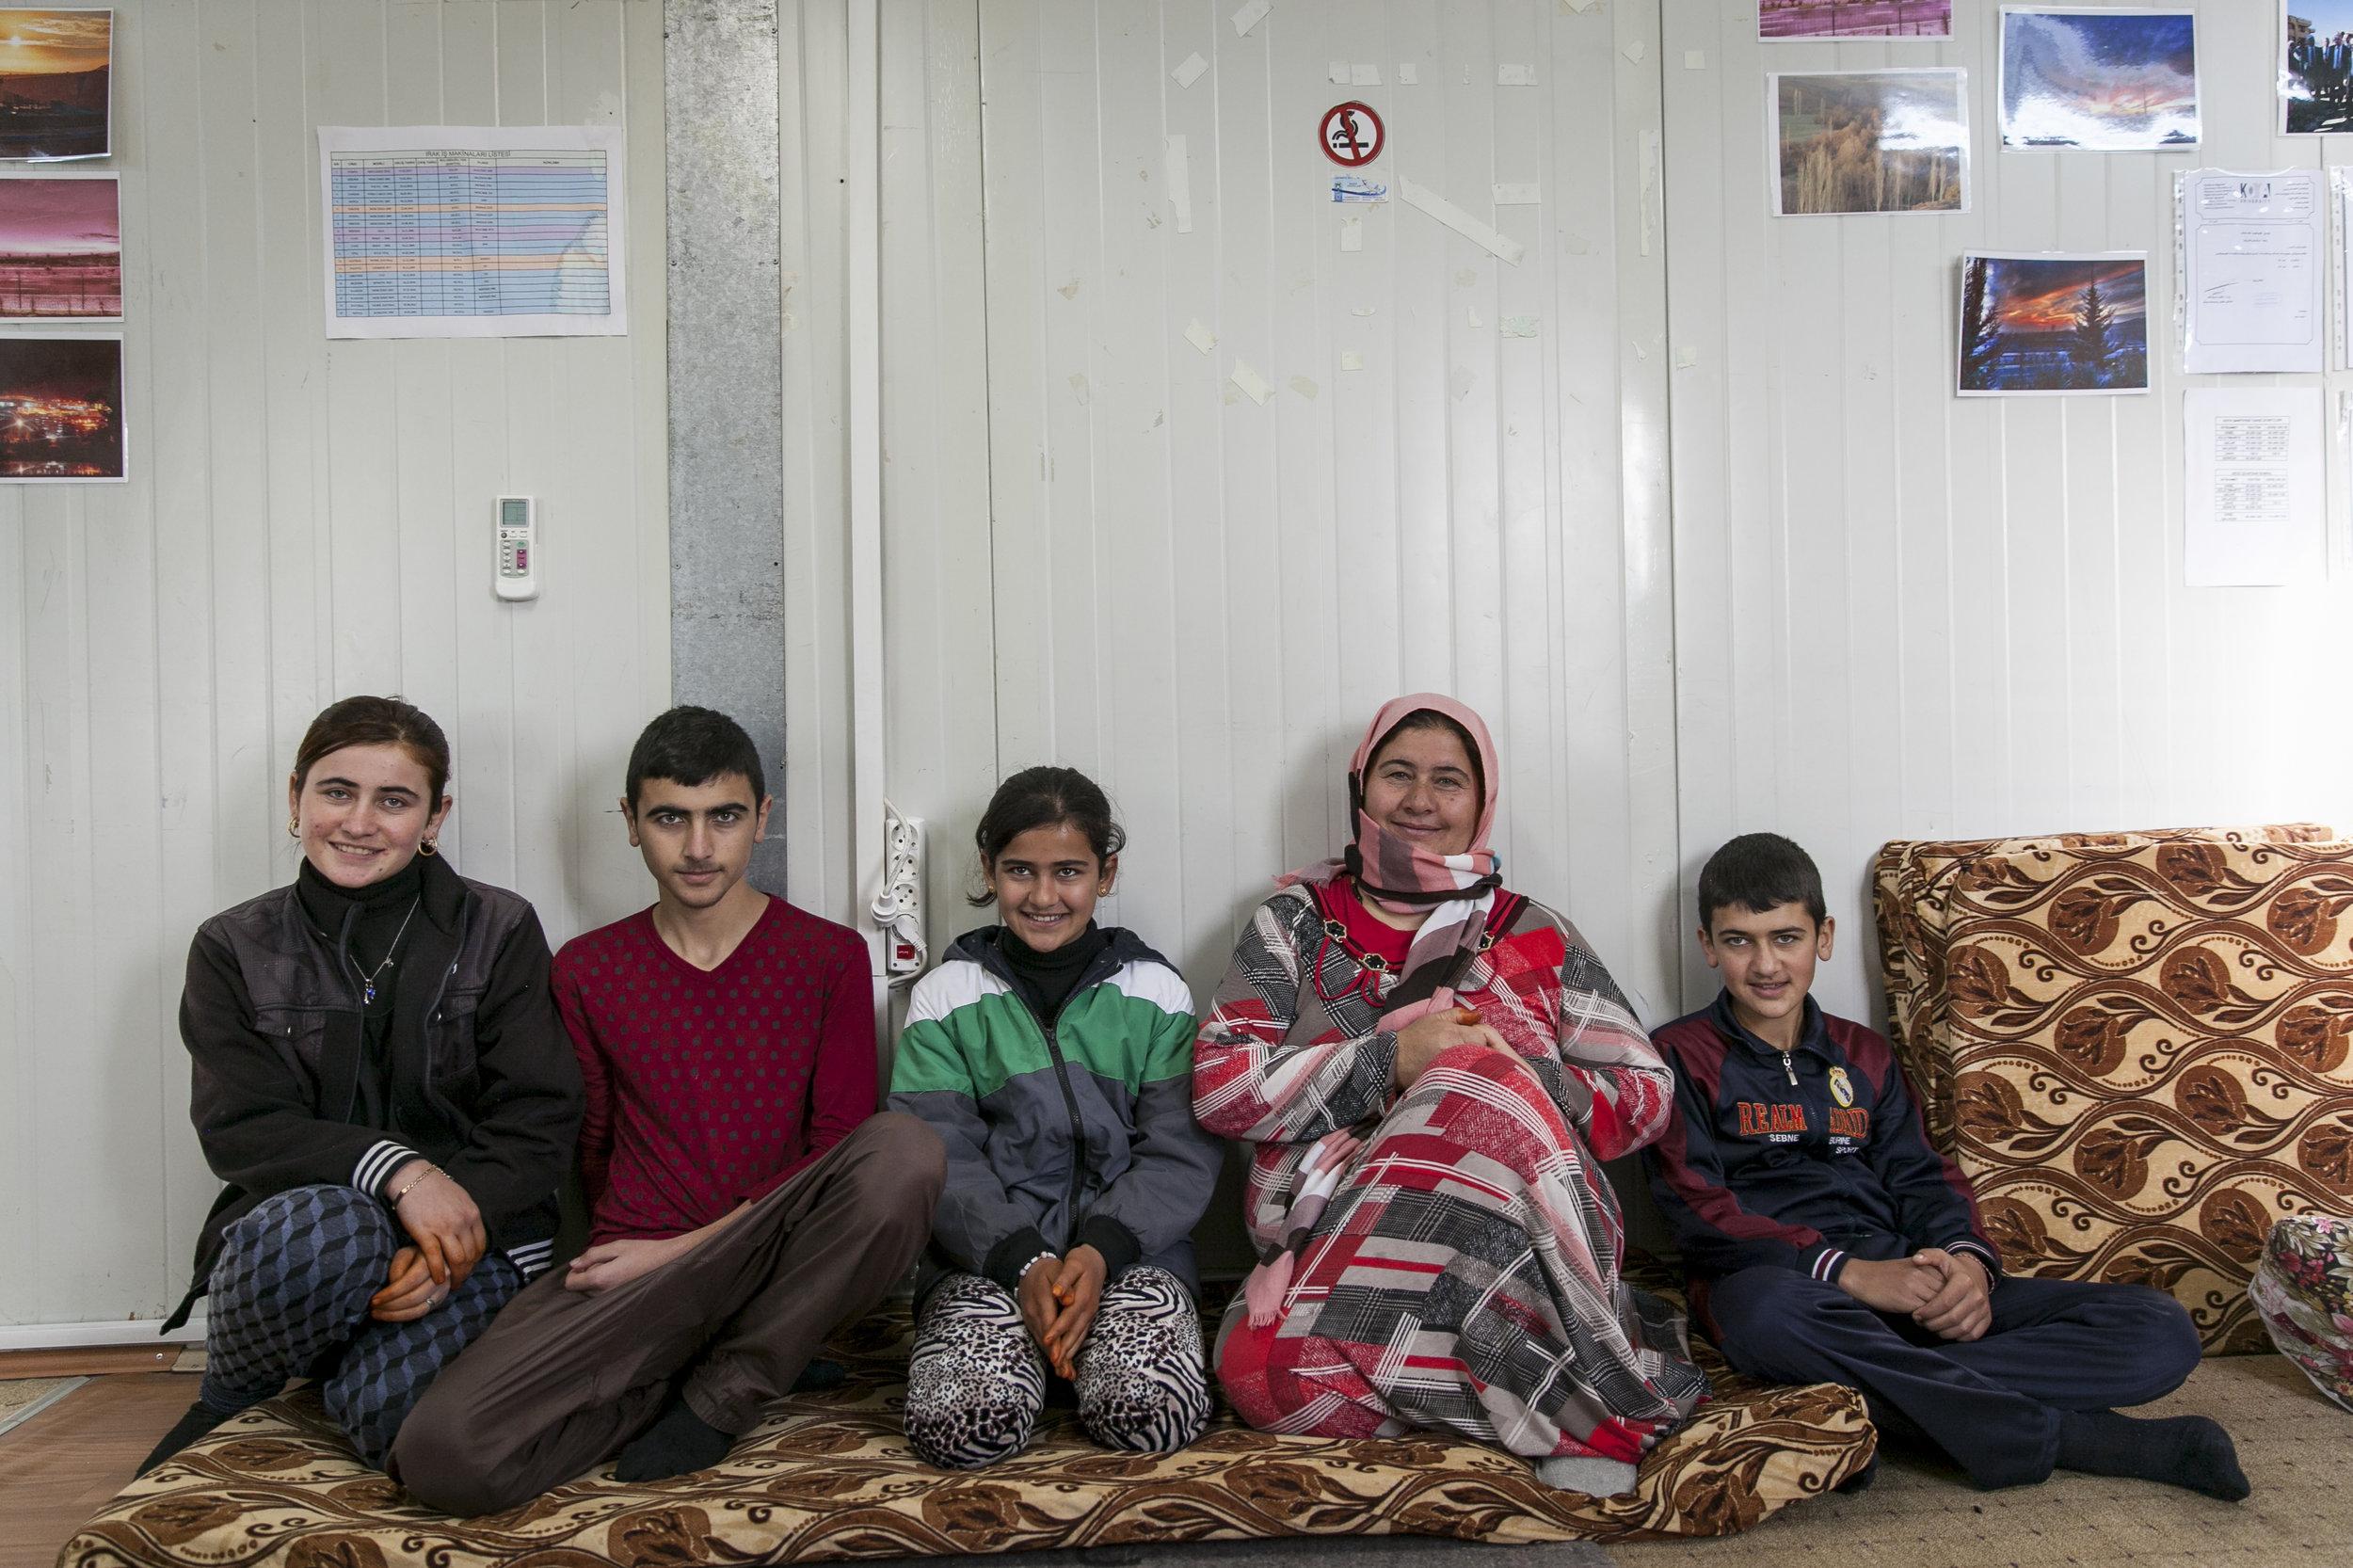 20141205_Refugee_GH_0556.jpg